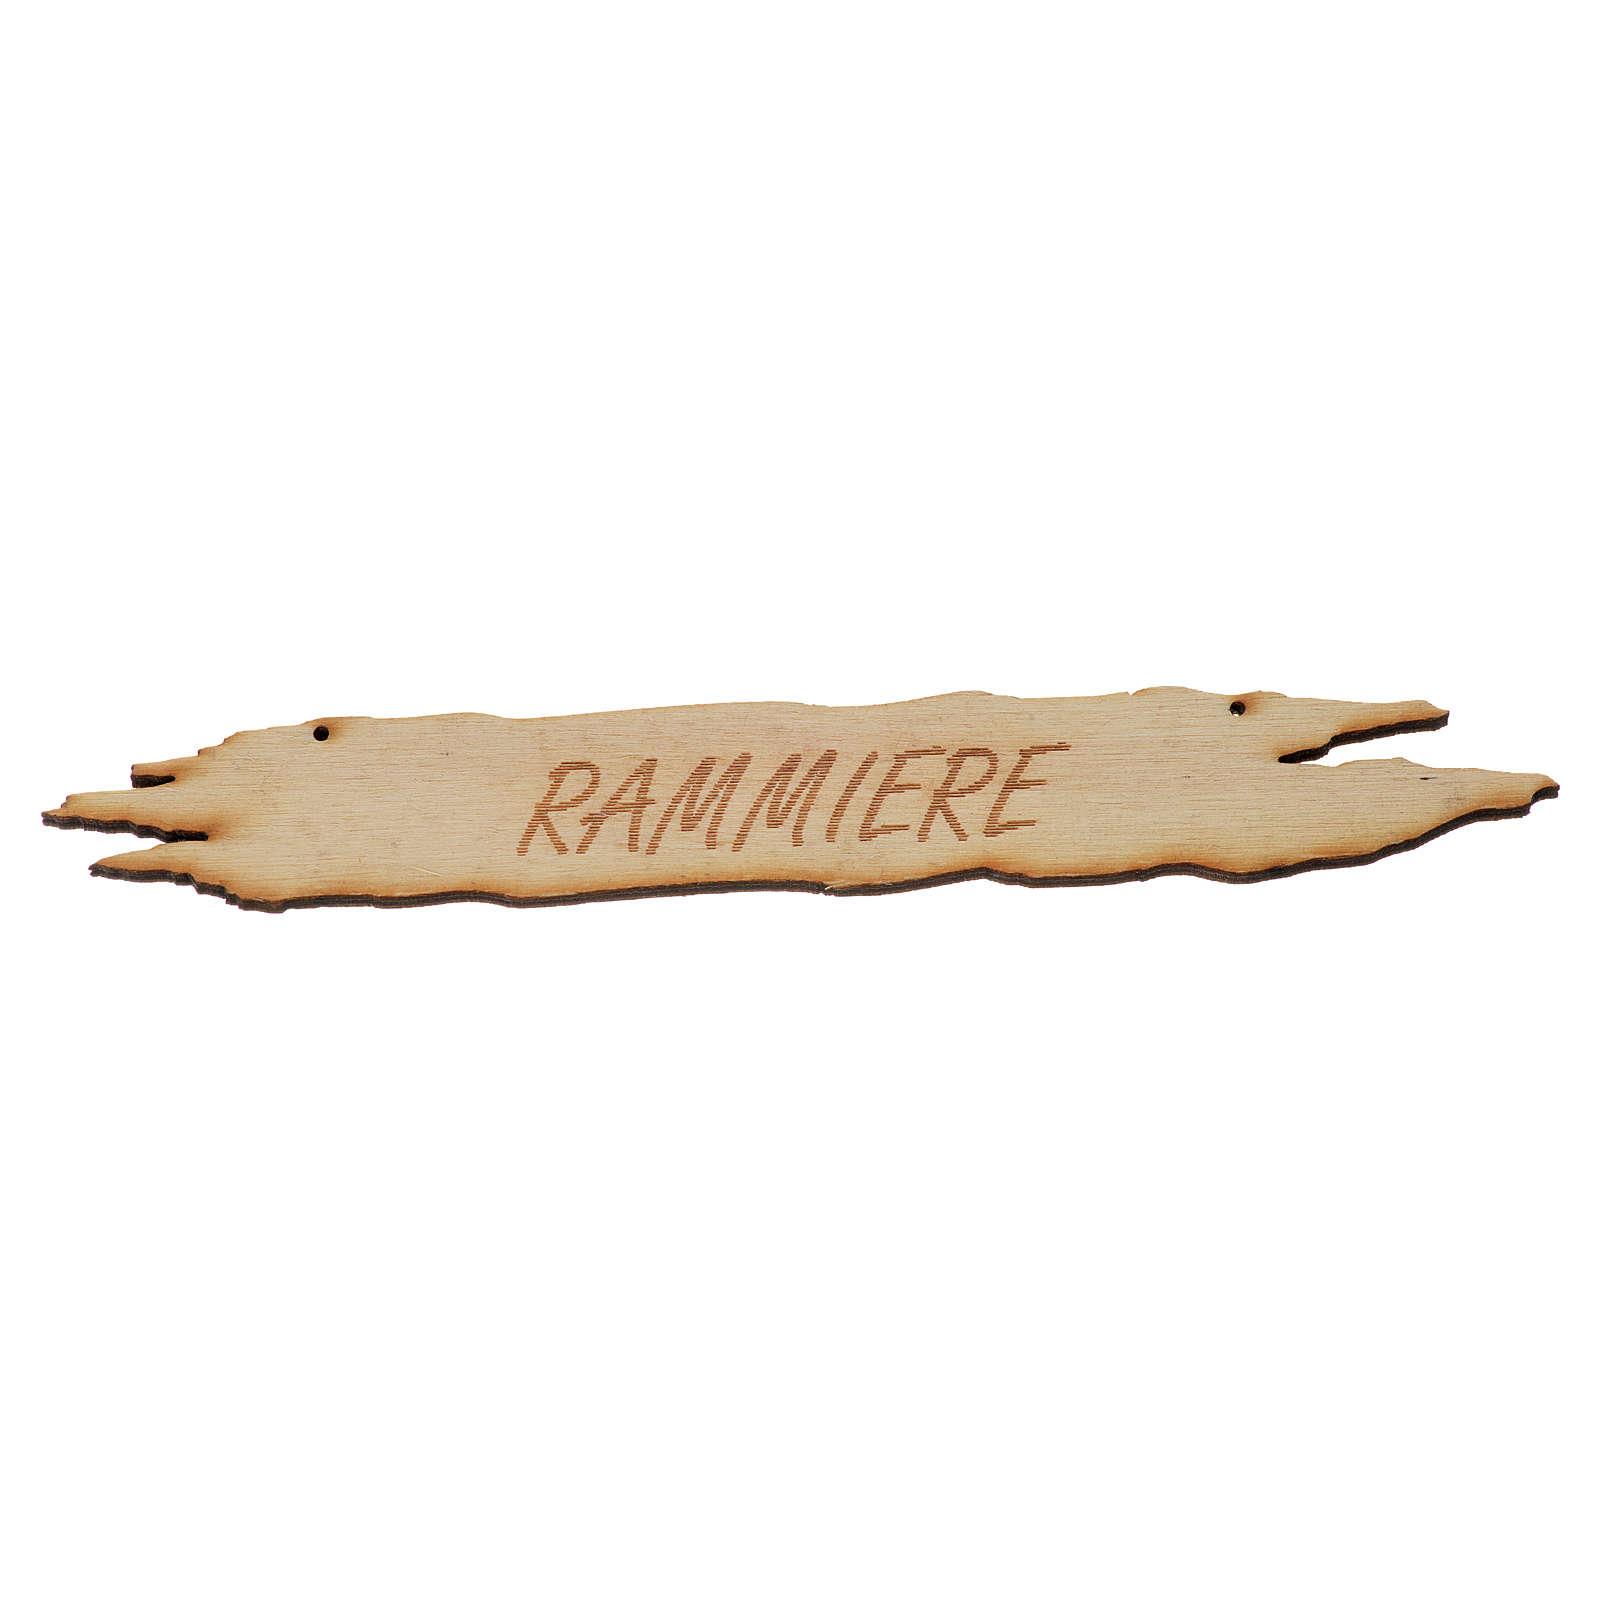 Insegna presepe Rammiere 14 cm in legno 4